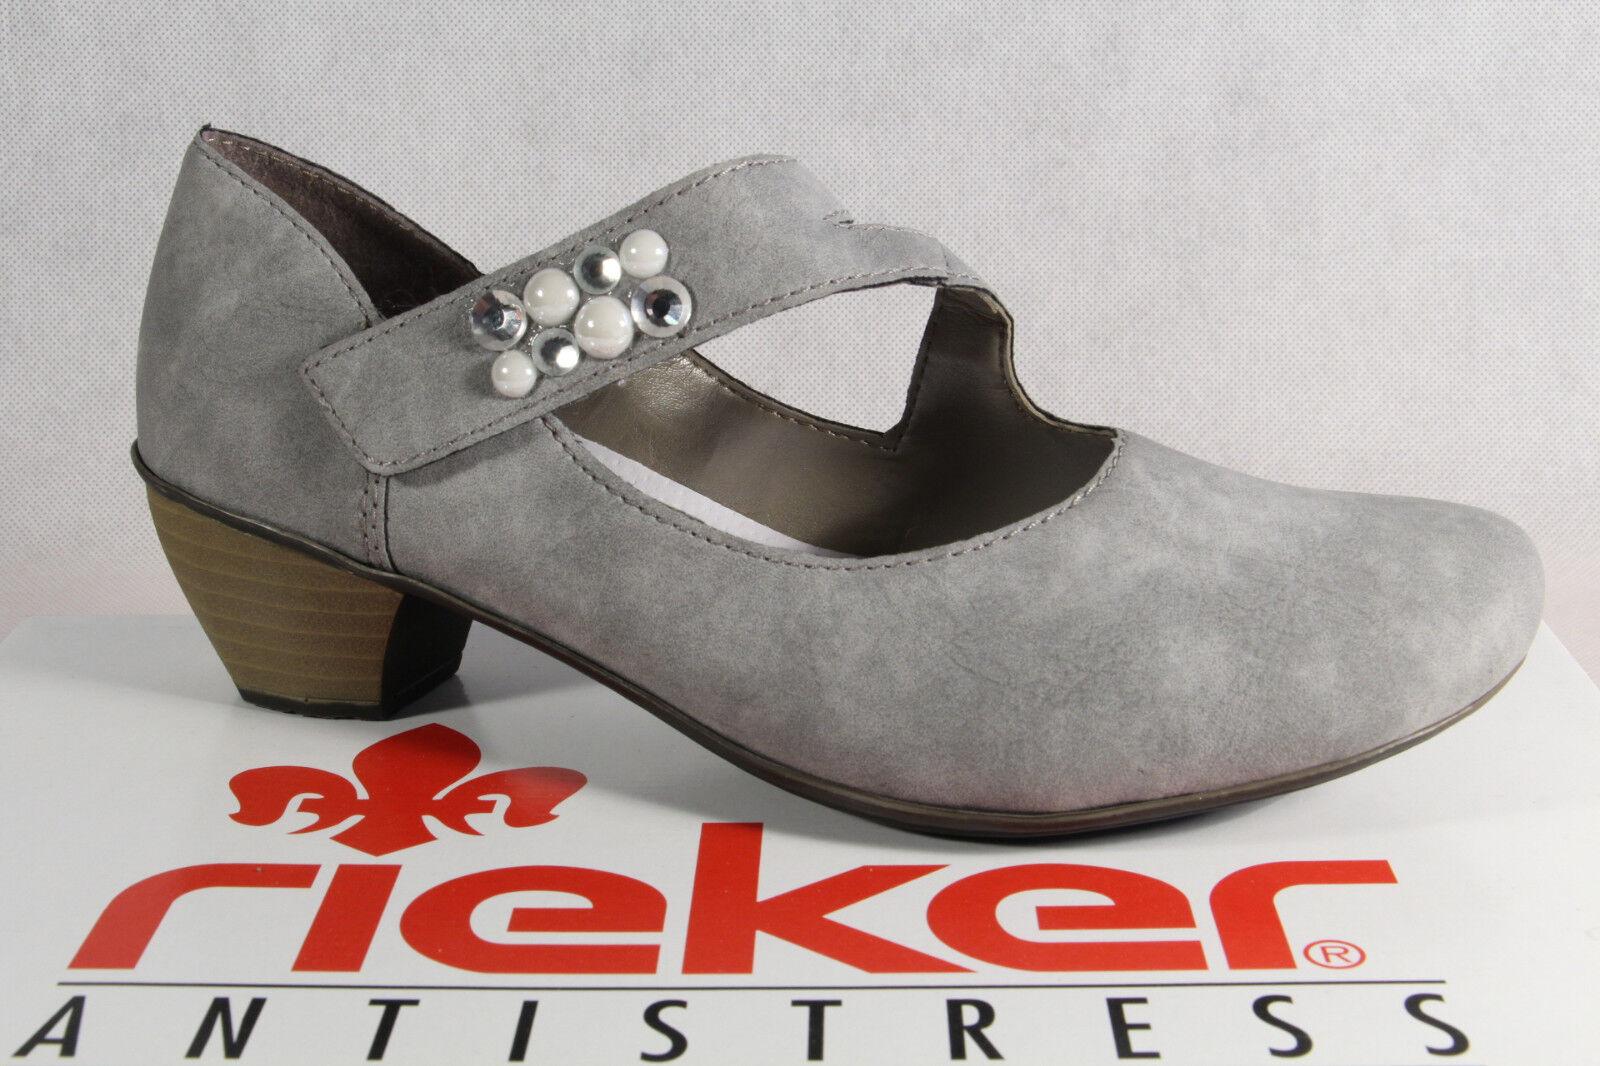 miglior prezzo migliore Rieker Slipper Ballerina Scarpe Basse Pumps Morbido Morbido Morbido Soletta pelle ,Grigio 41784  designer online